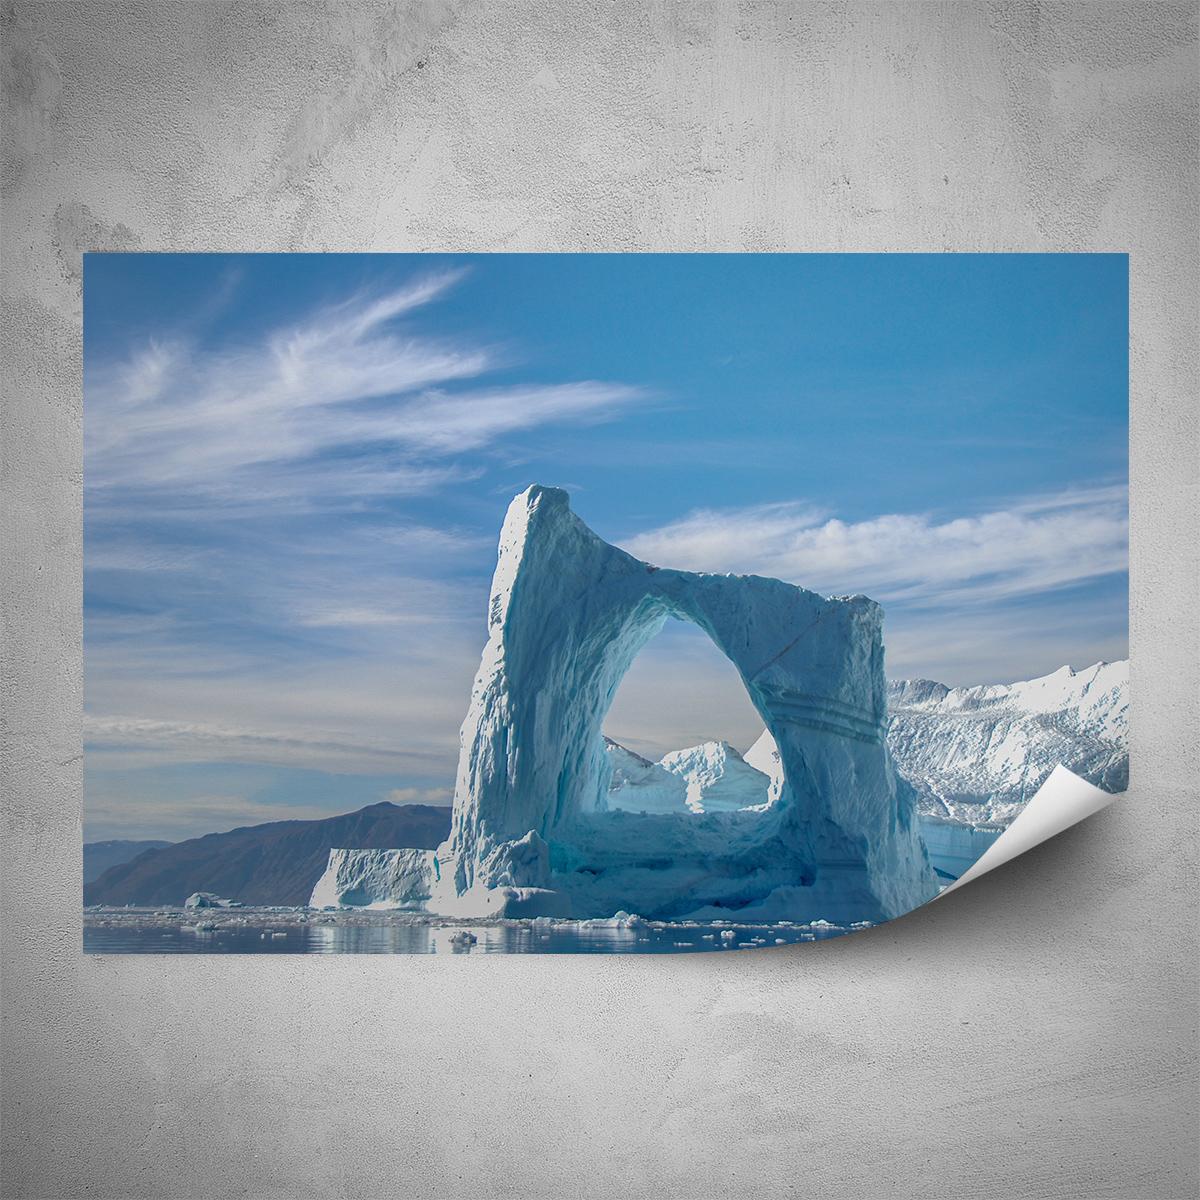 Plakát - Ledovcové okno - 60x40 cm - PopyDesign